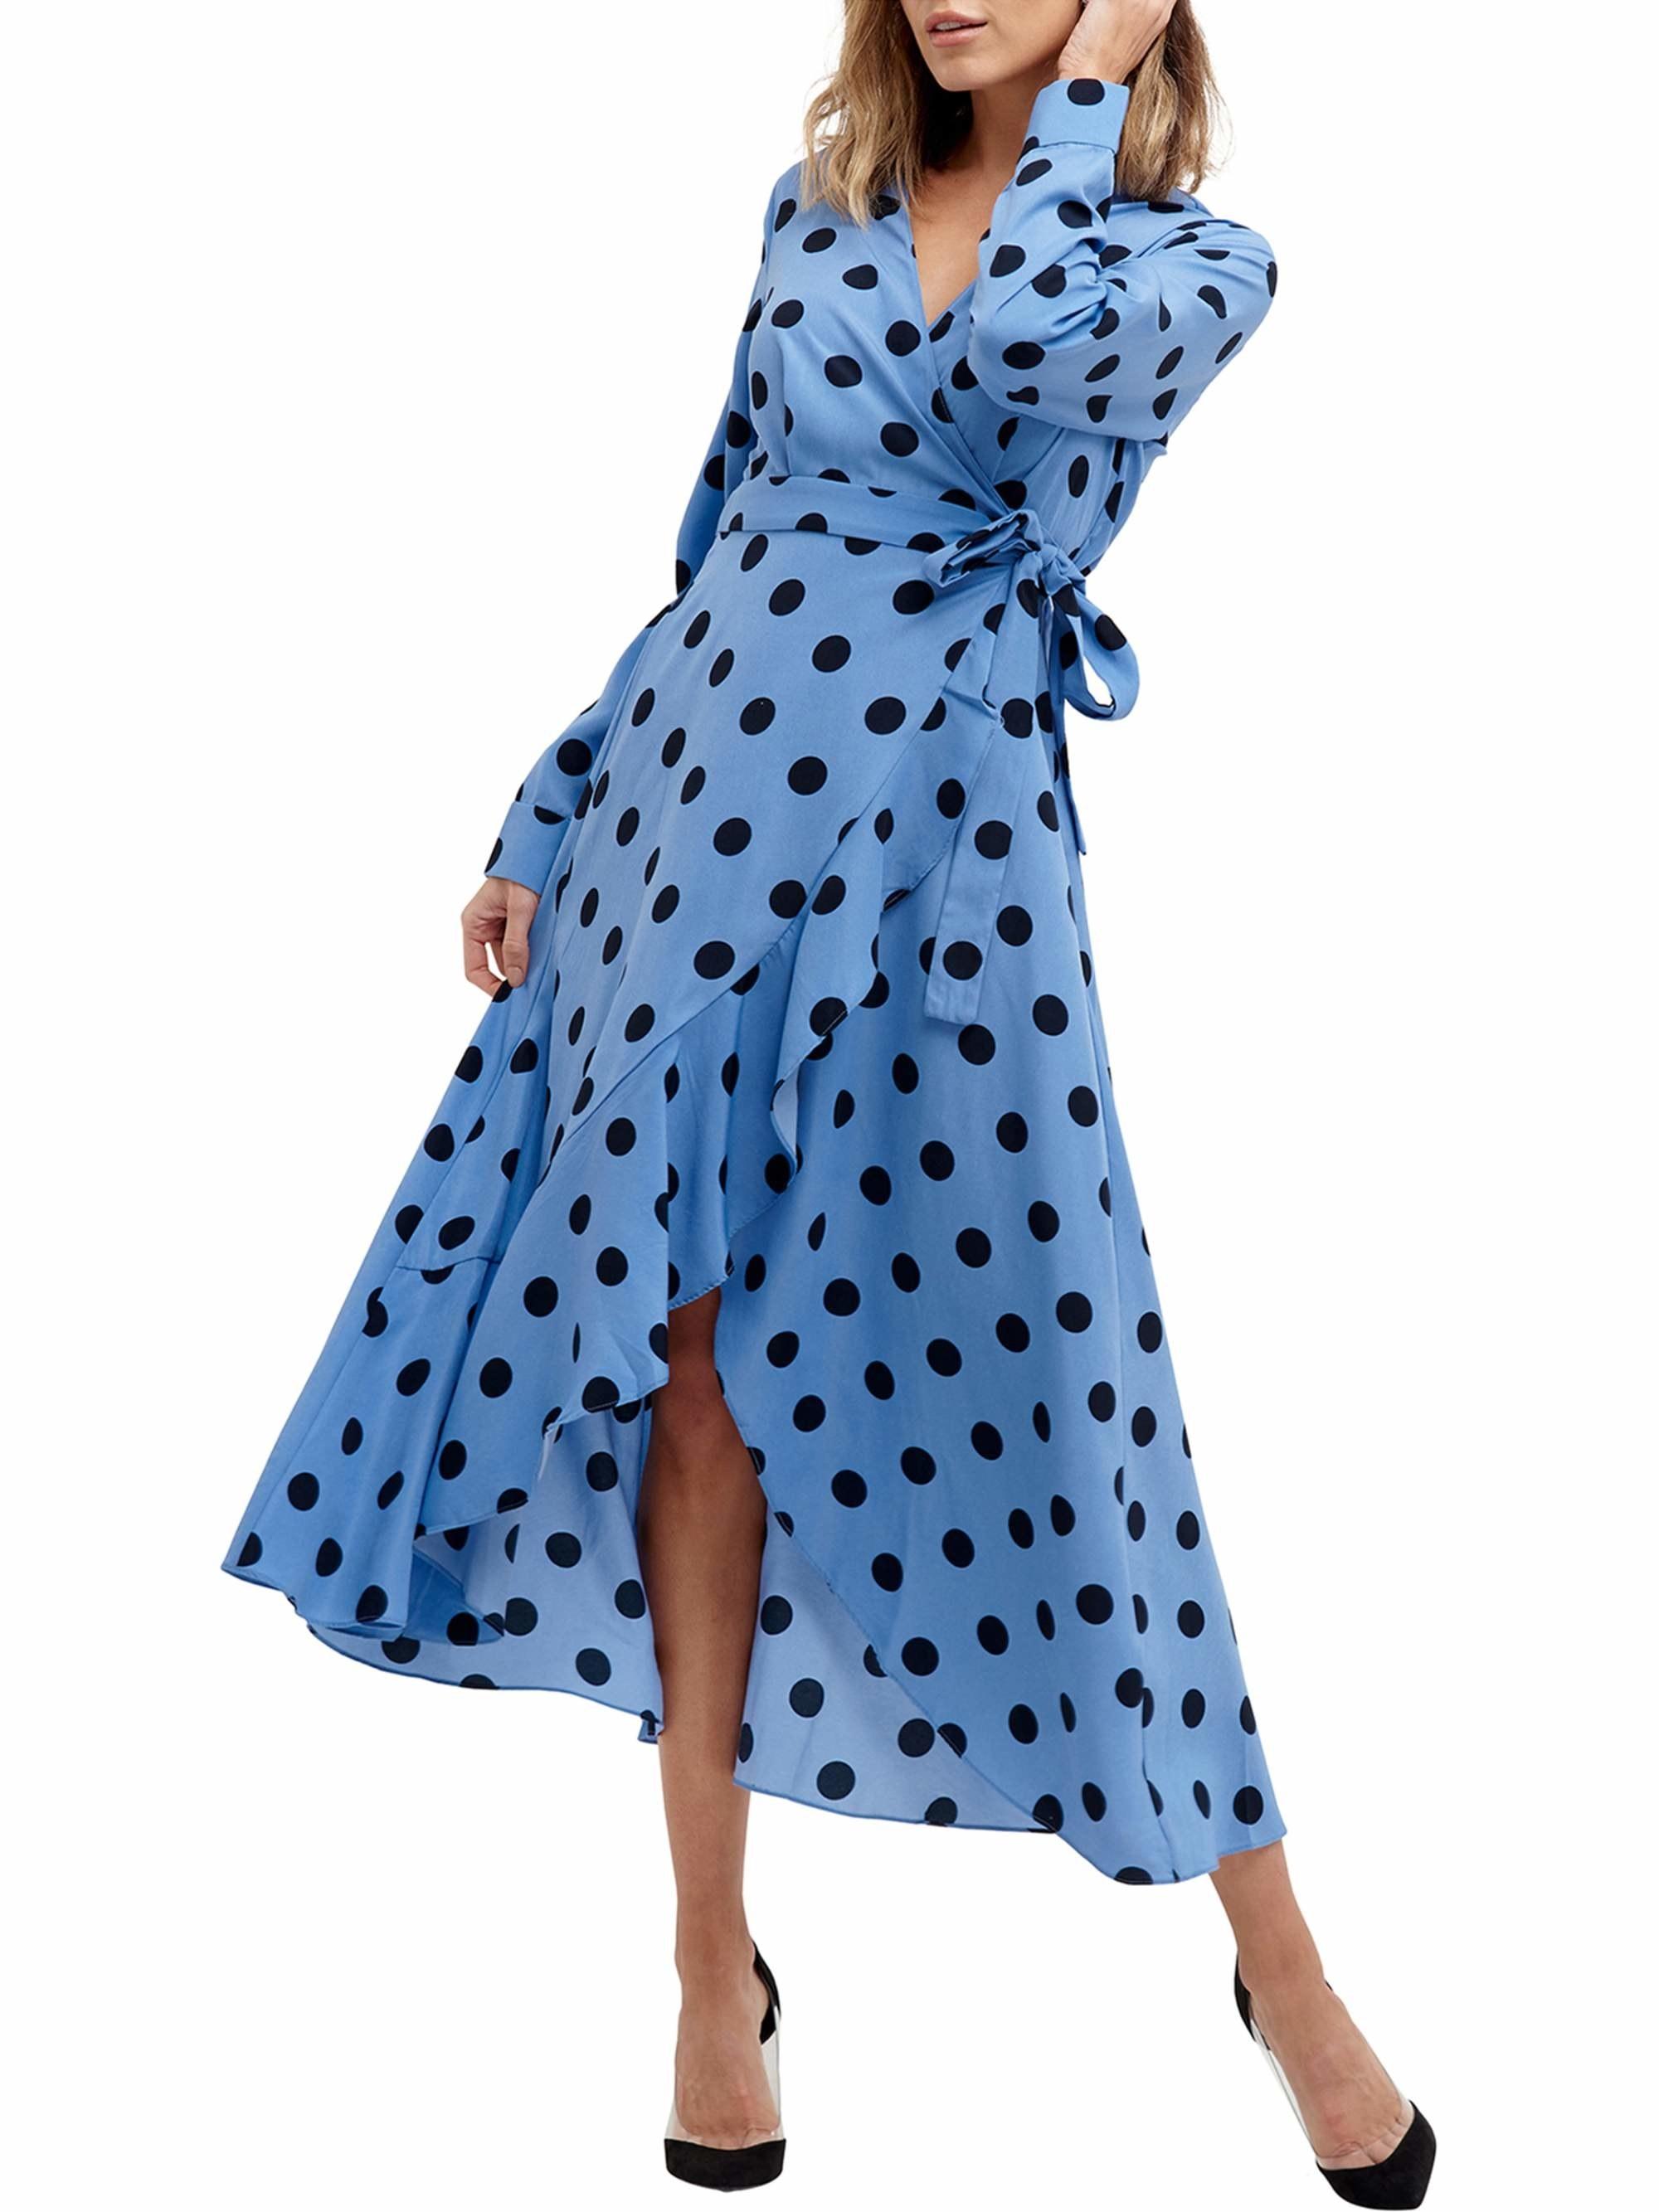 Model wearing blue polka dot dress